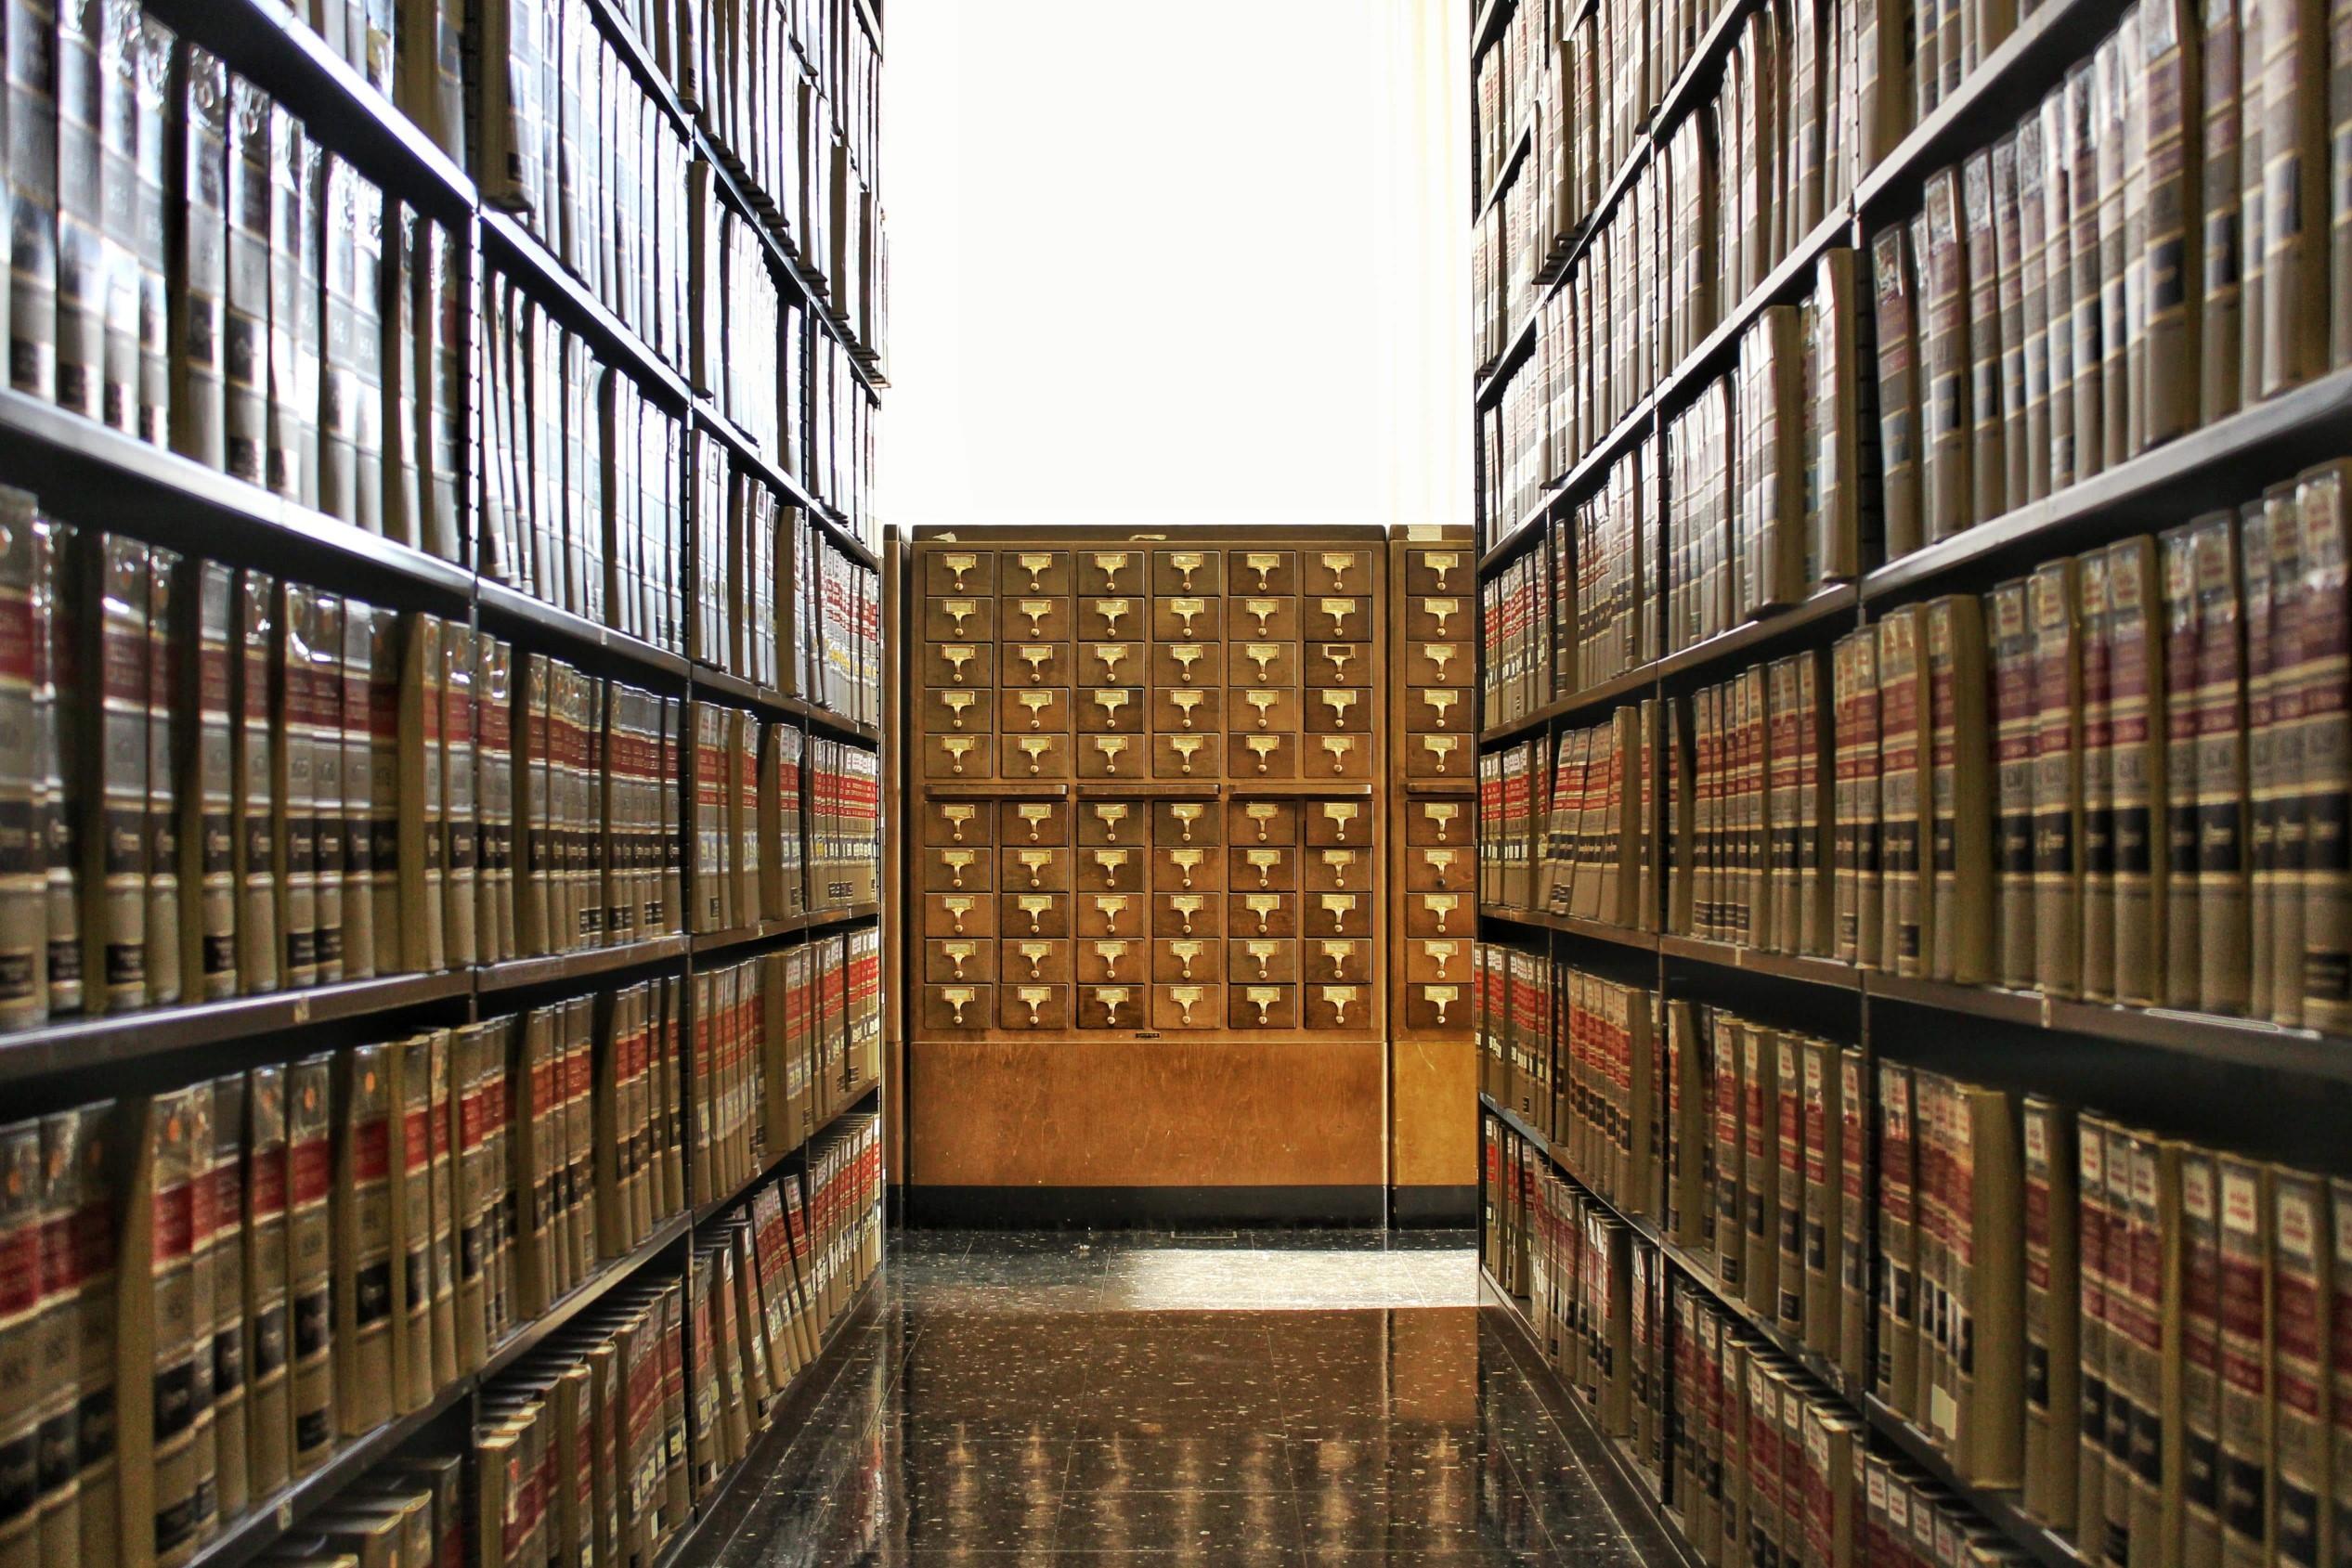 une bibliothèque ancienne pleine de livres de français